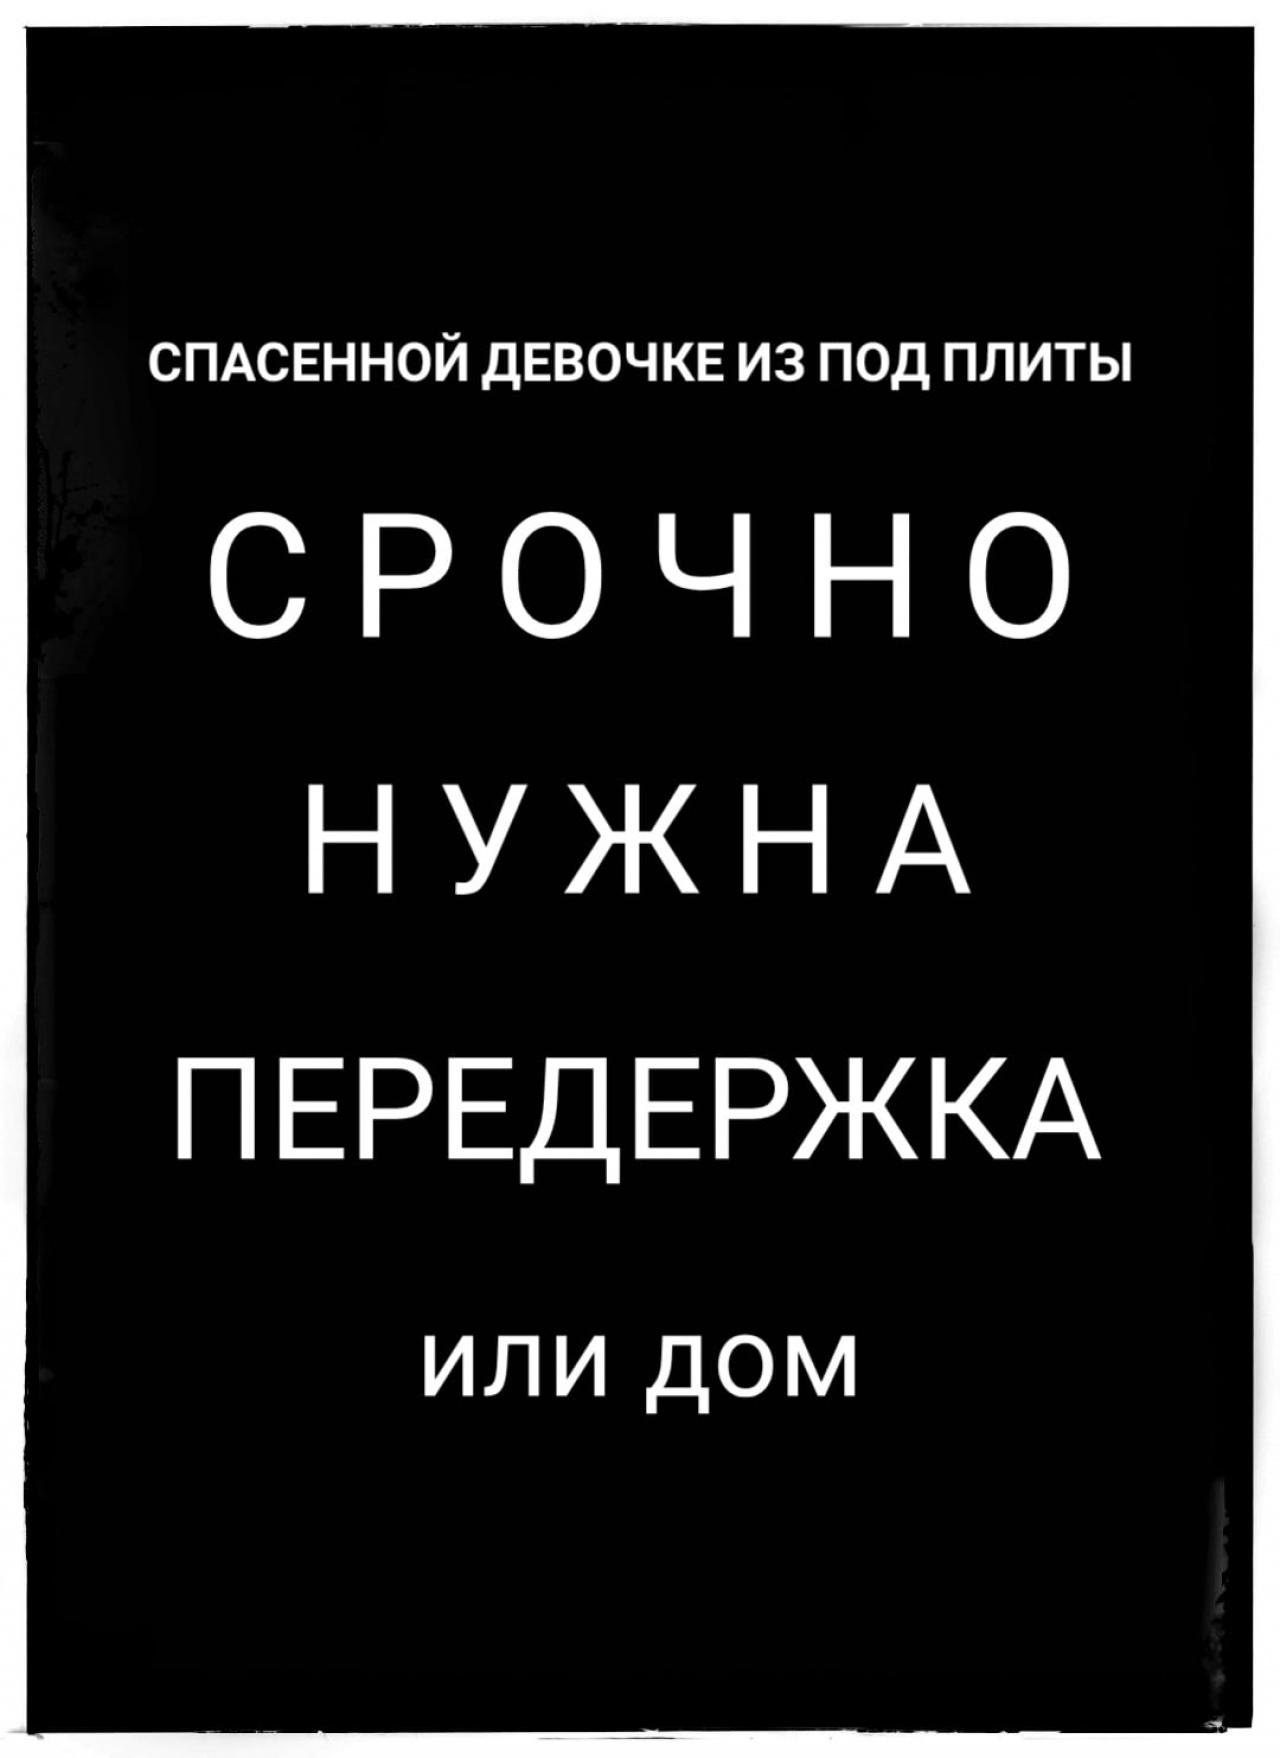 Воронеж и ближайшие города!